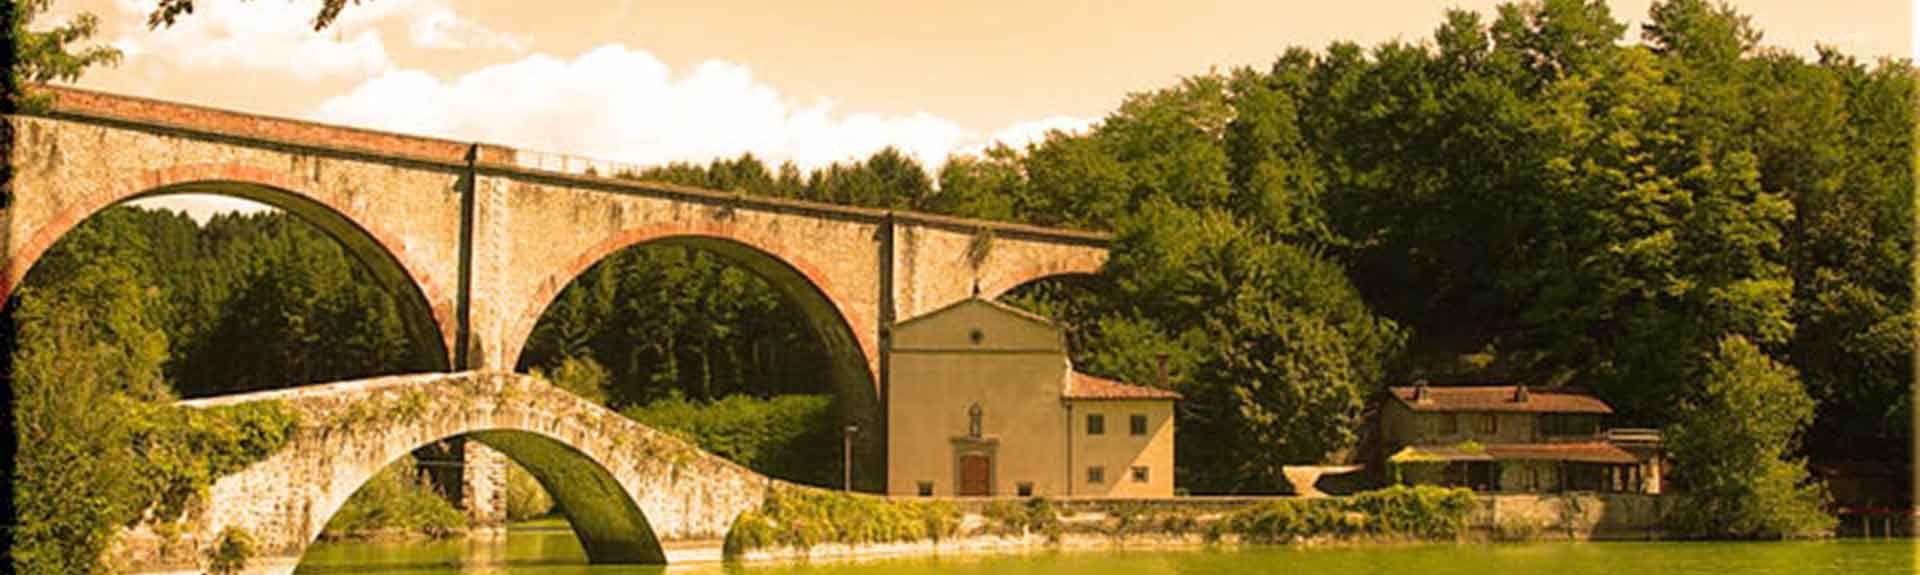 Busana, Reggio Emilia, Emilia-Romagna, Italy